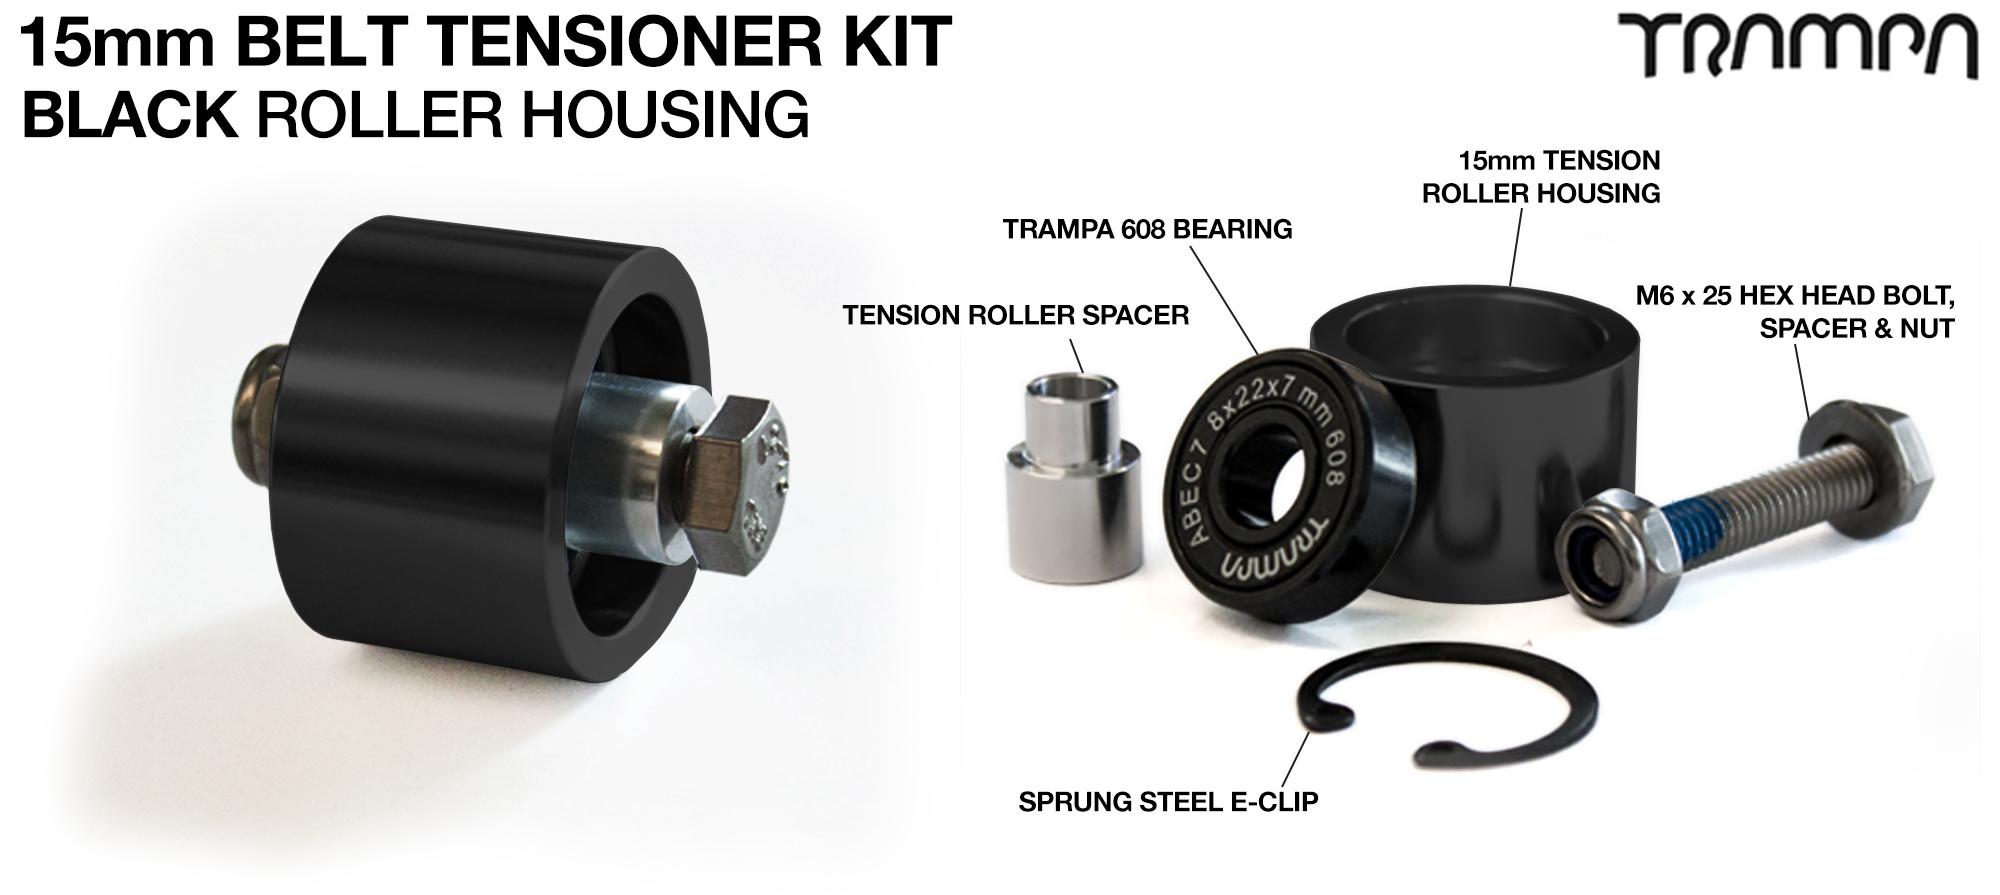 OPEN BELT DRIVE Belt Tensioning System for 15mm Belts - BLACK